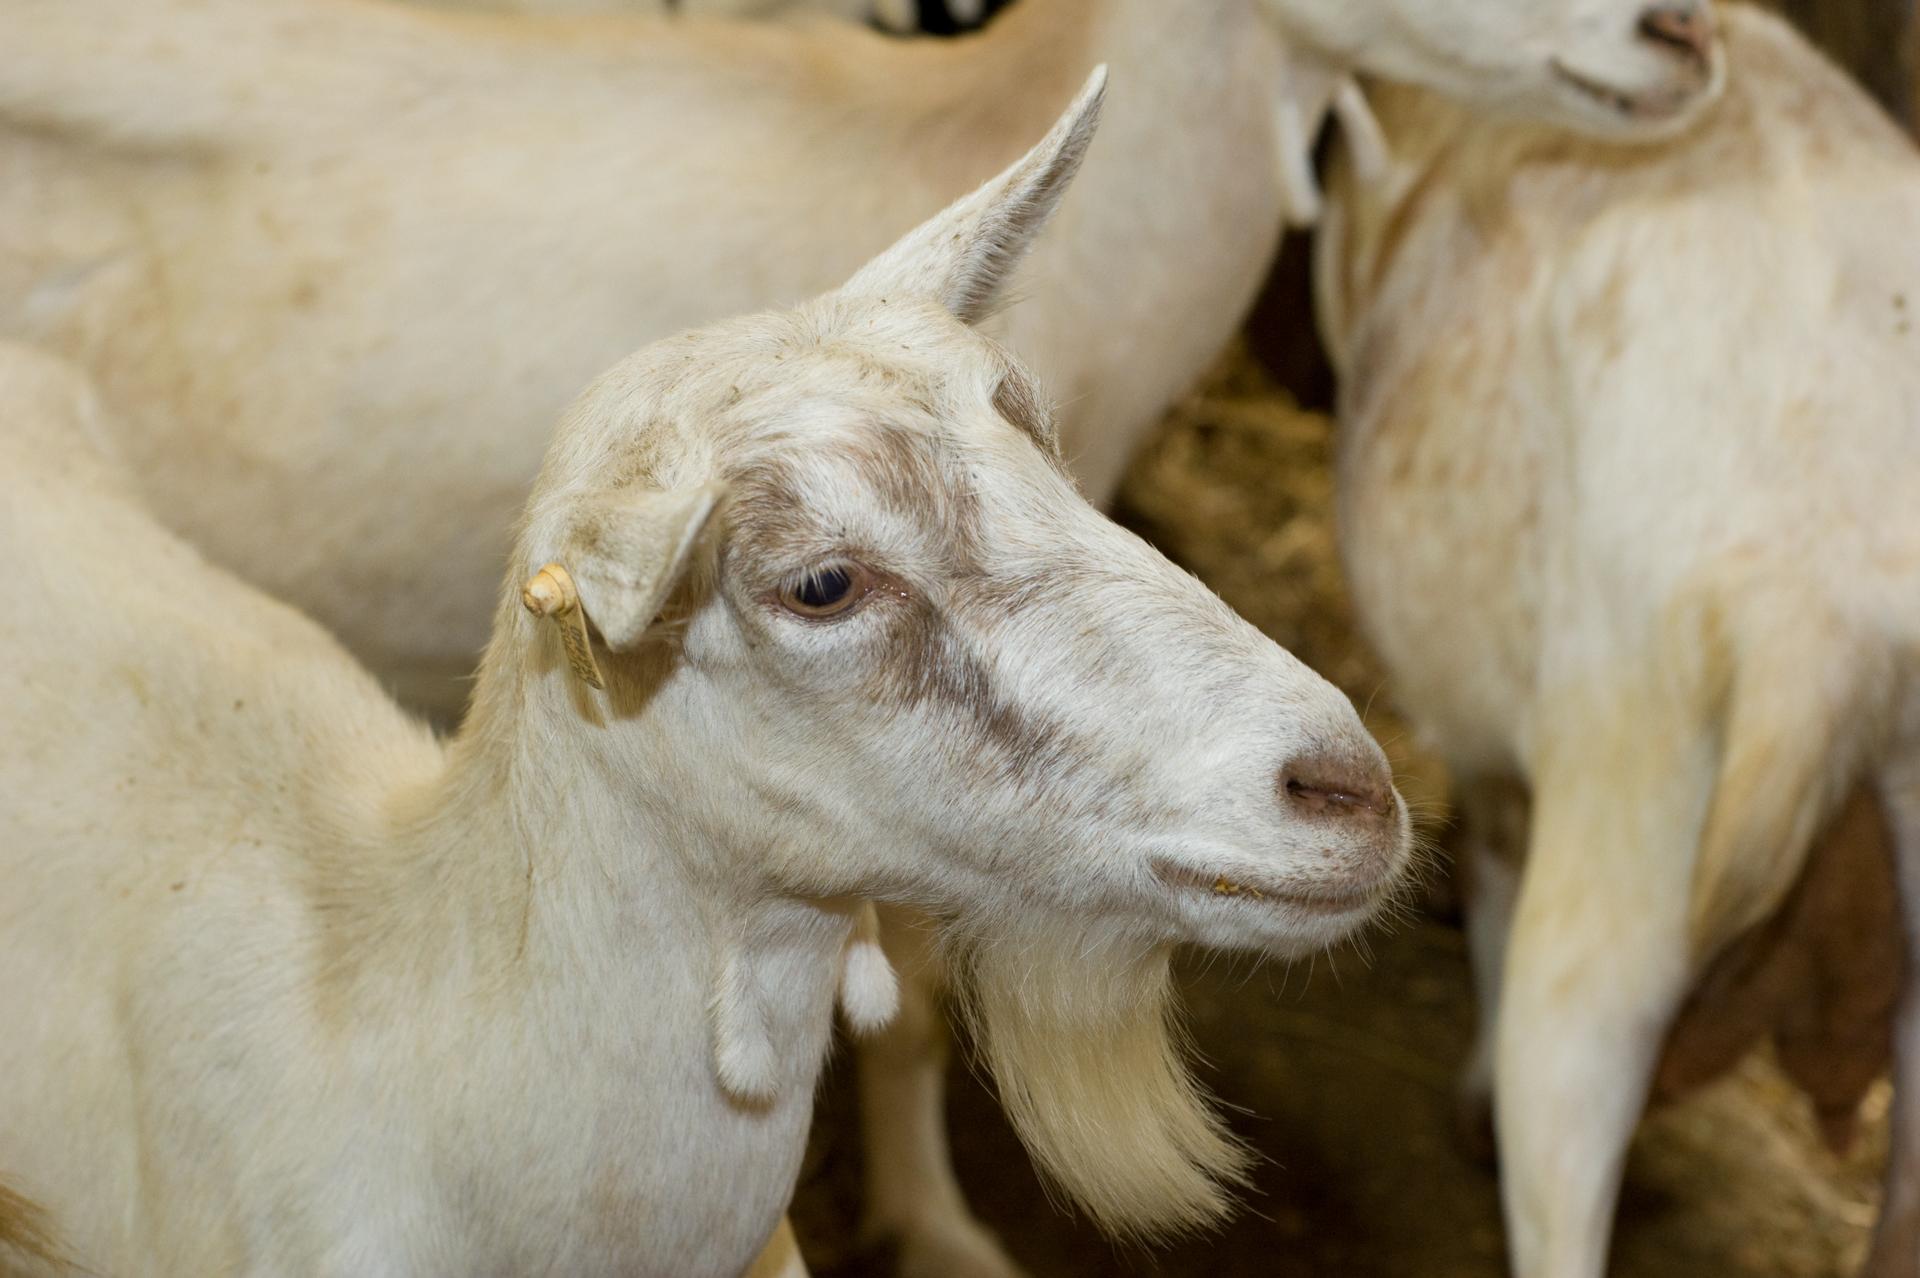 Minden kecskének neve van, gazdáig pedig mindet felismerik és nevükön szólítják!